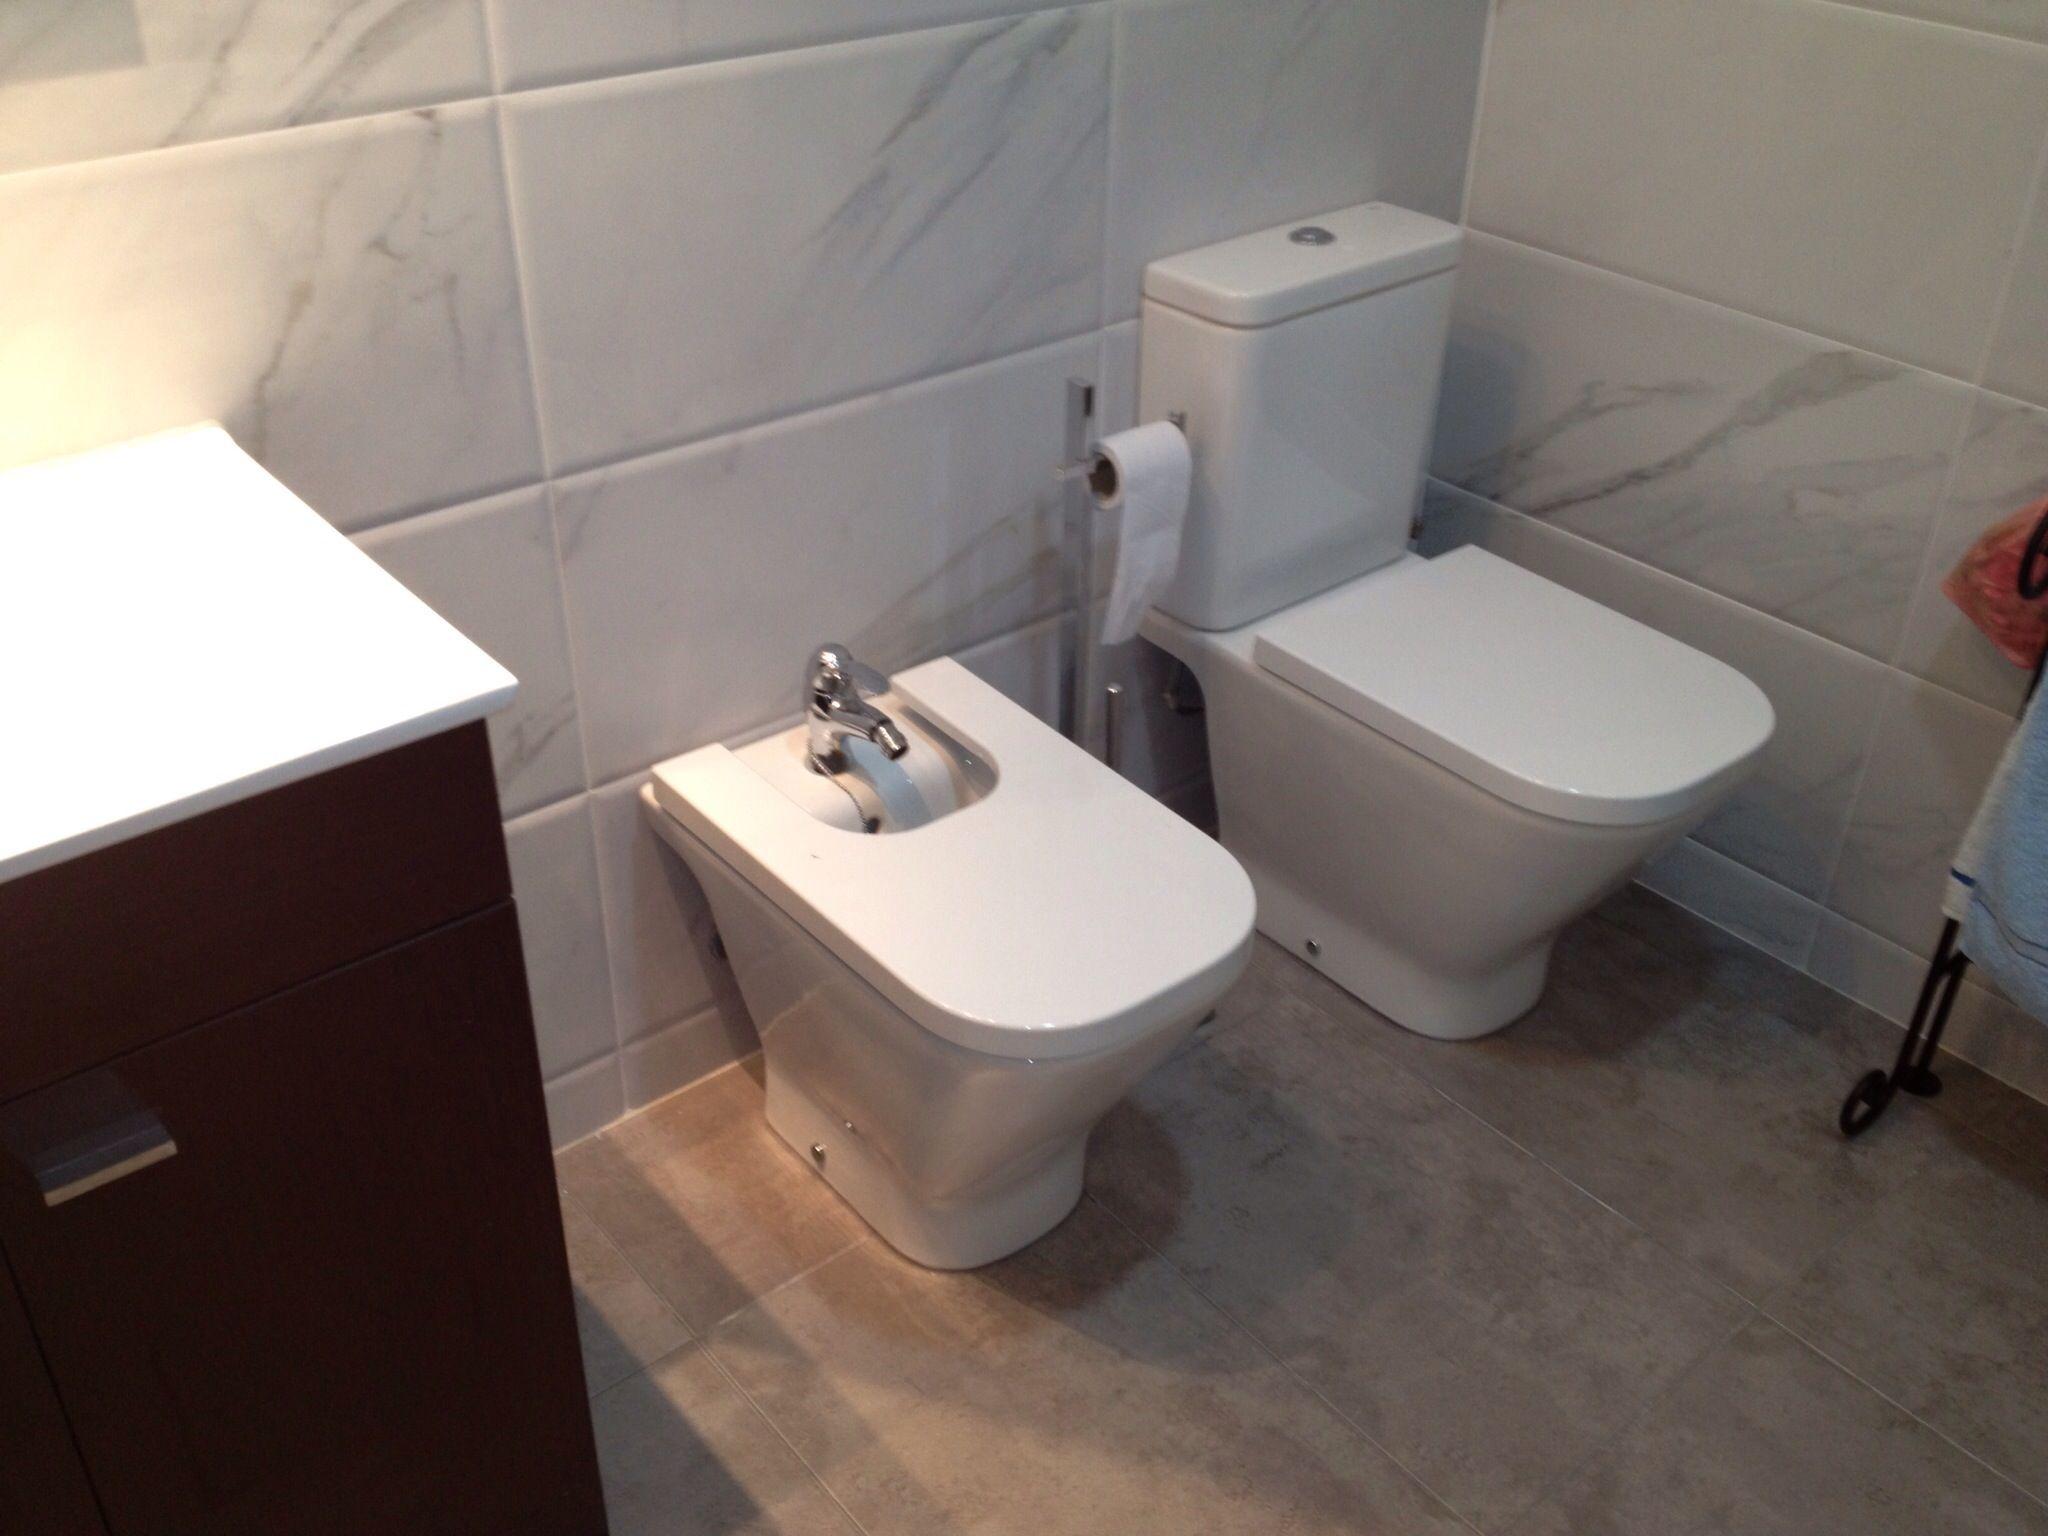 Reforma de baño | Pisos, Reformar piso, Alicatado